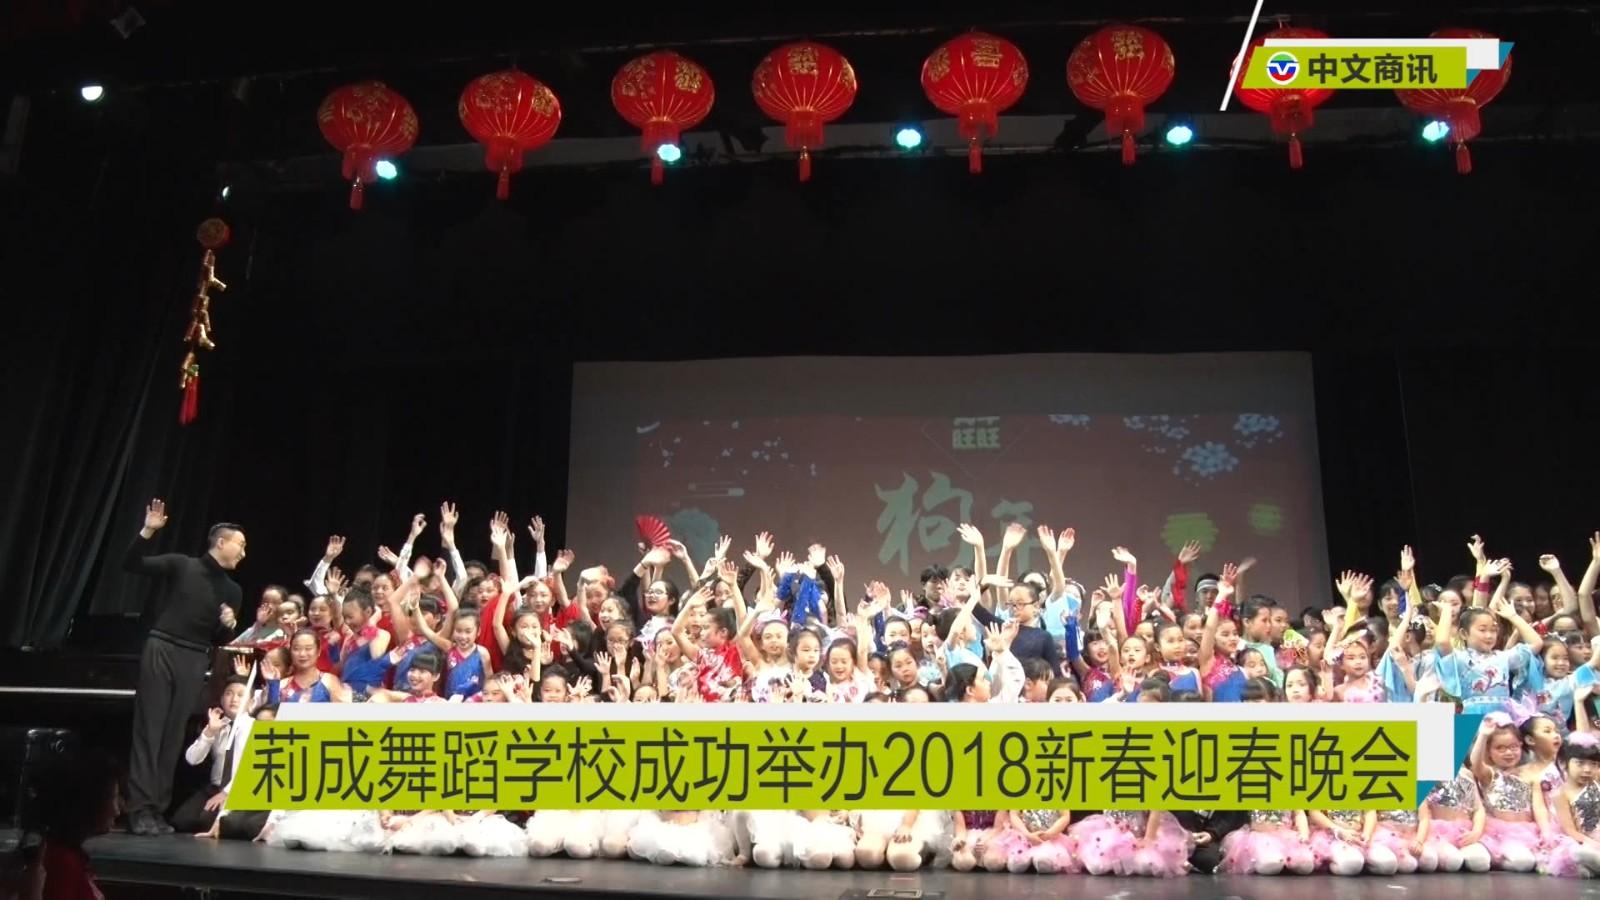 【视频】莉成艺术学校成功举办2018新春迎春晚会